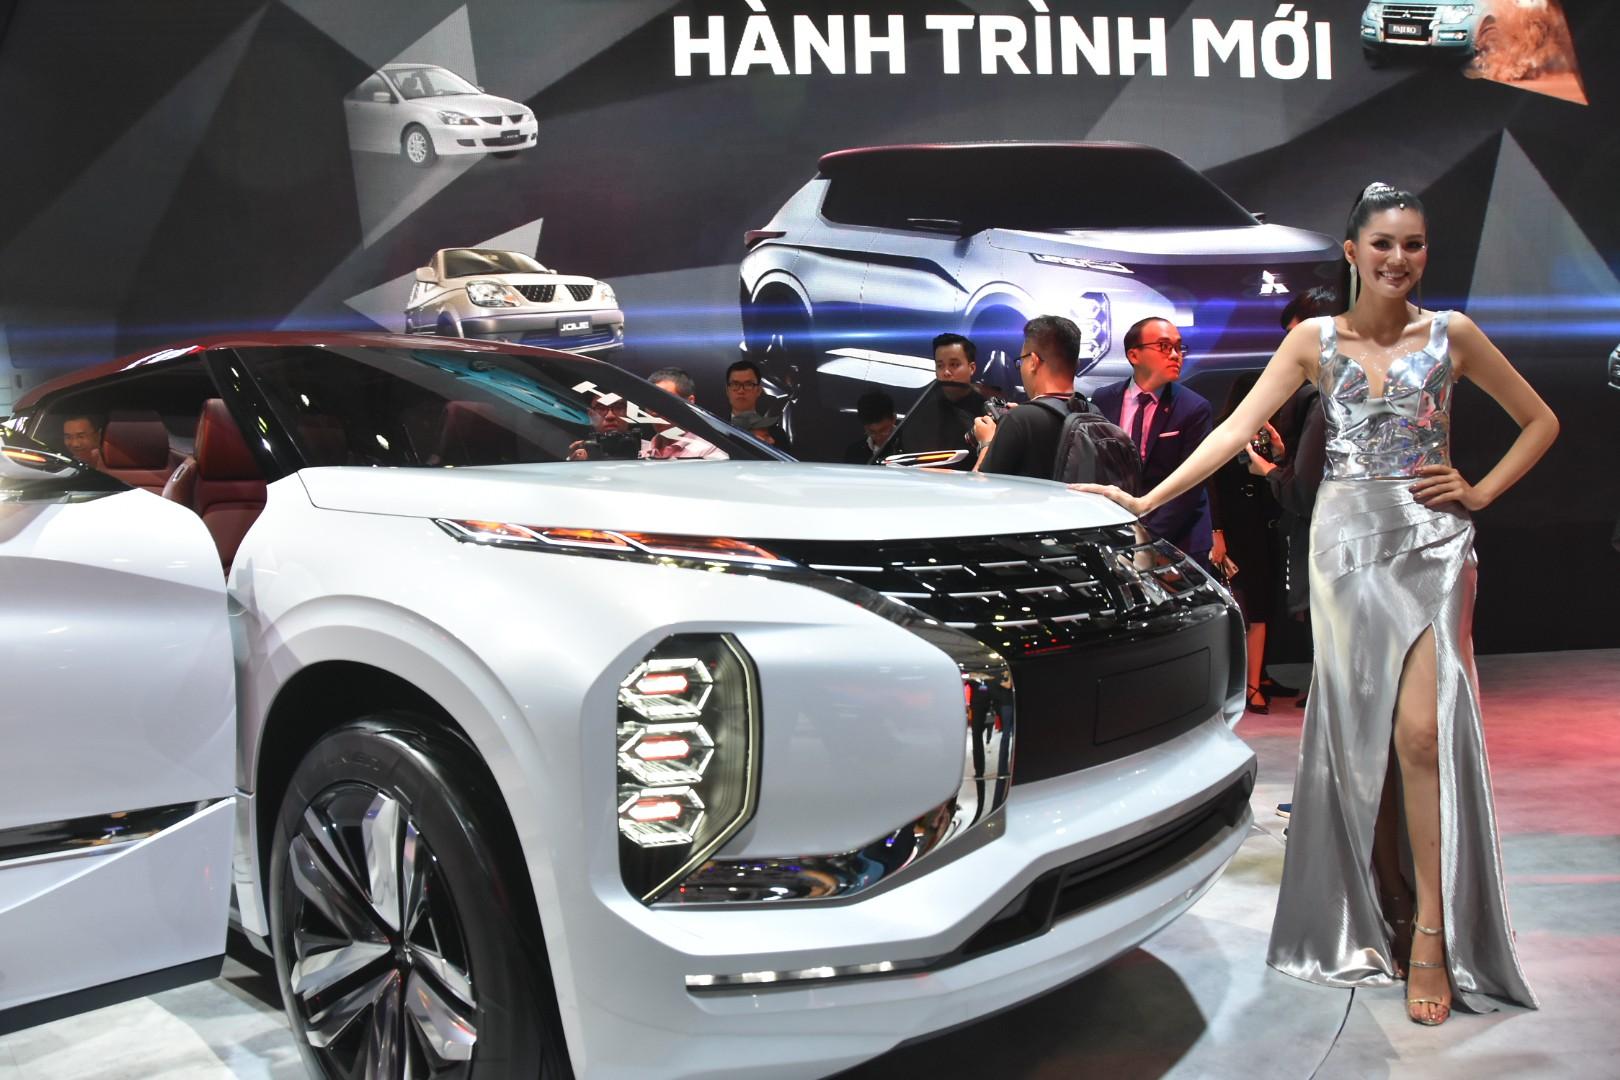 Mitsubishi Motors Việt Nam giới thiệu phiên bản đặc biệt kỷ niệm 25 năm tại triển lãm Vietnam Motor Show 2019